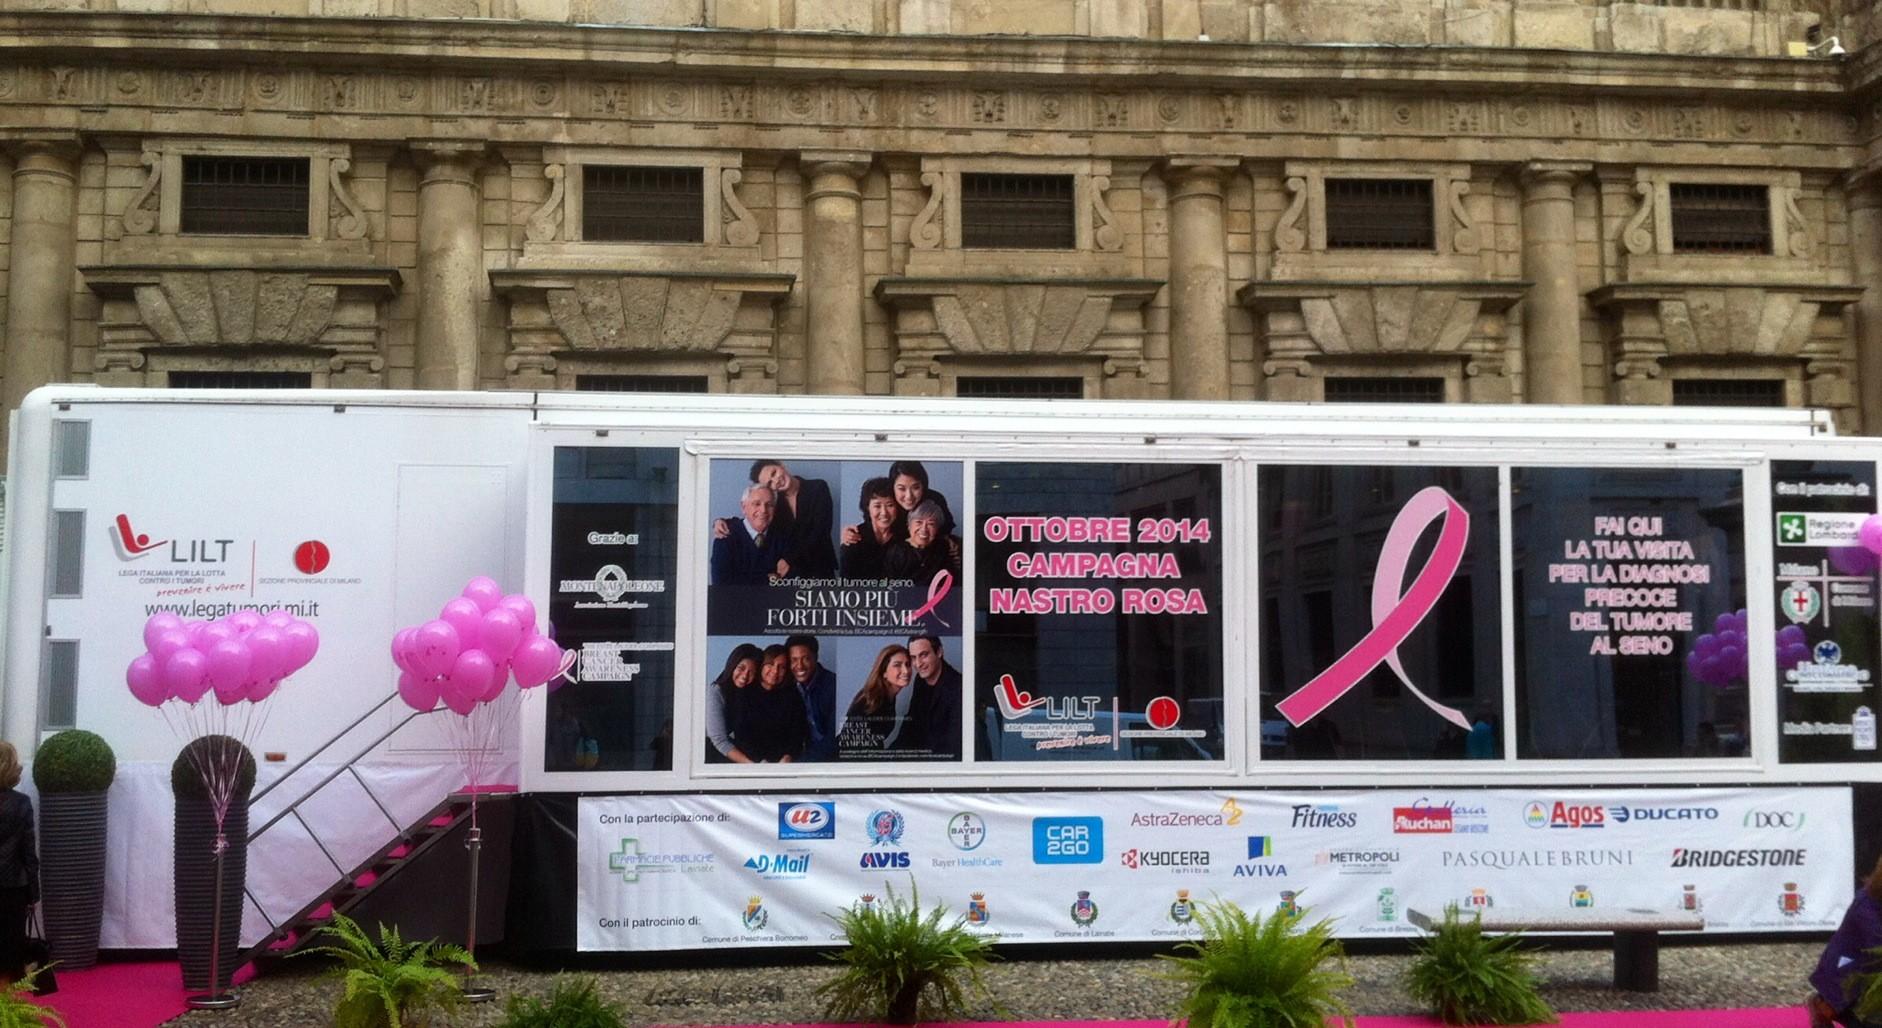 Nastro Rosa 2016: Unite per vincere!-LILT Milano